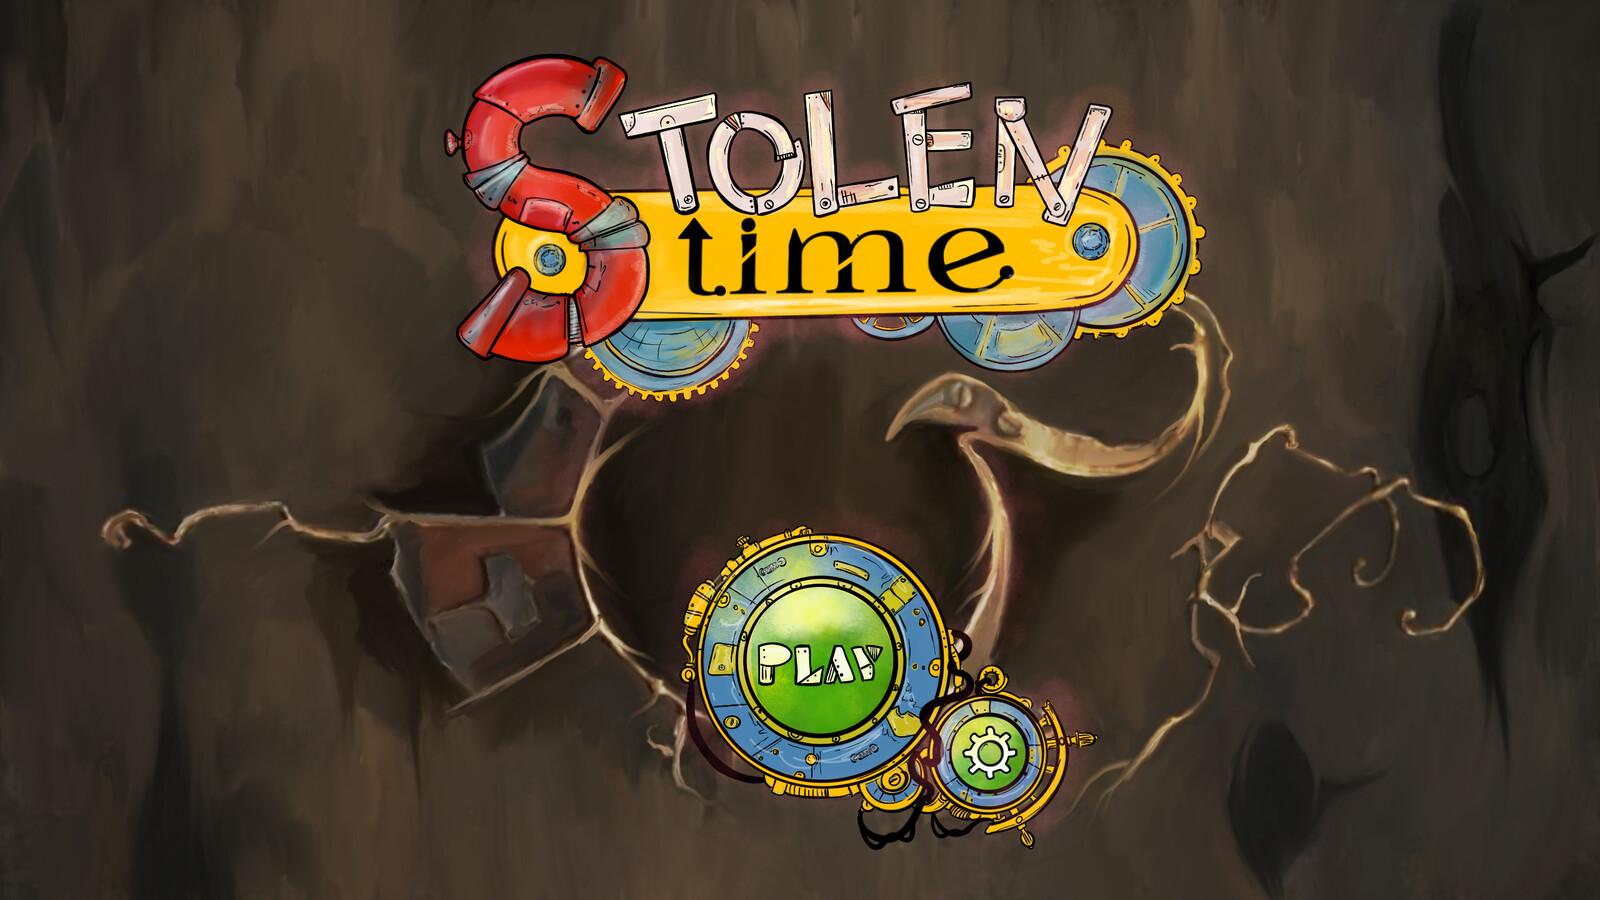 Stolen Time, game screen concept, teaching demo